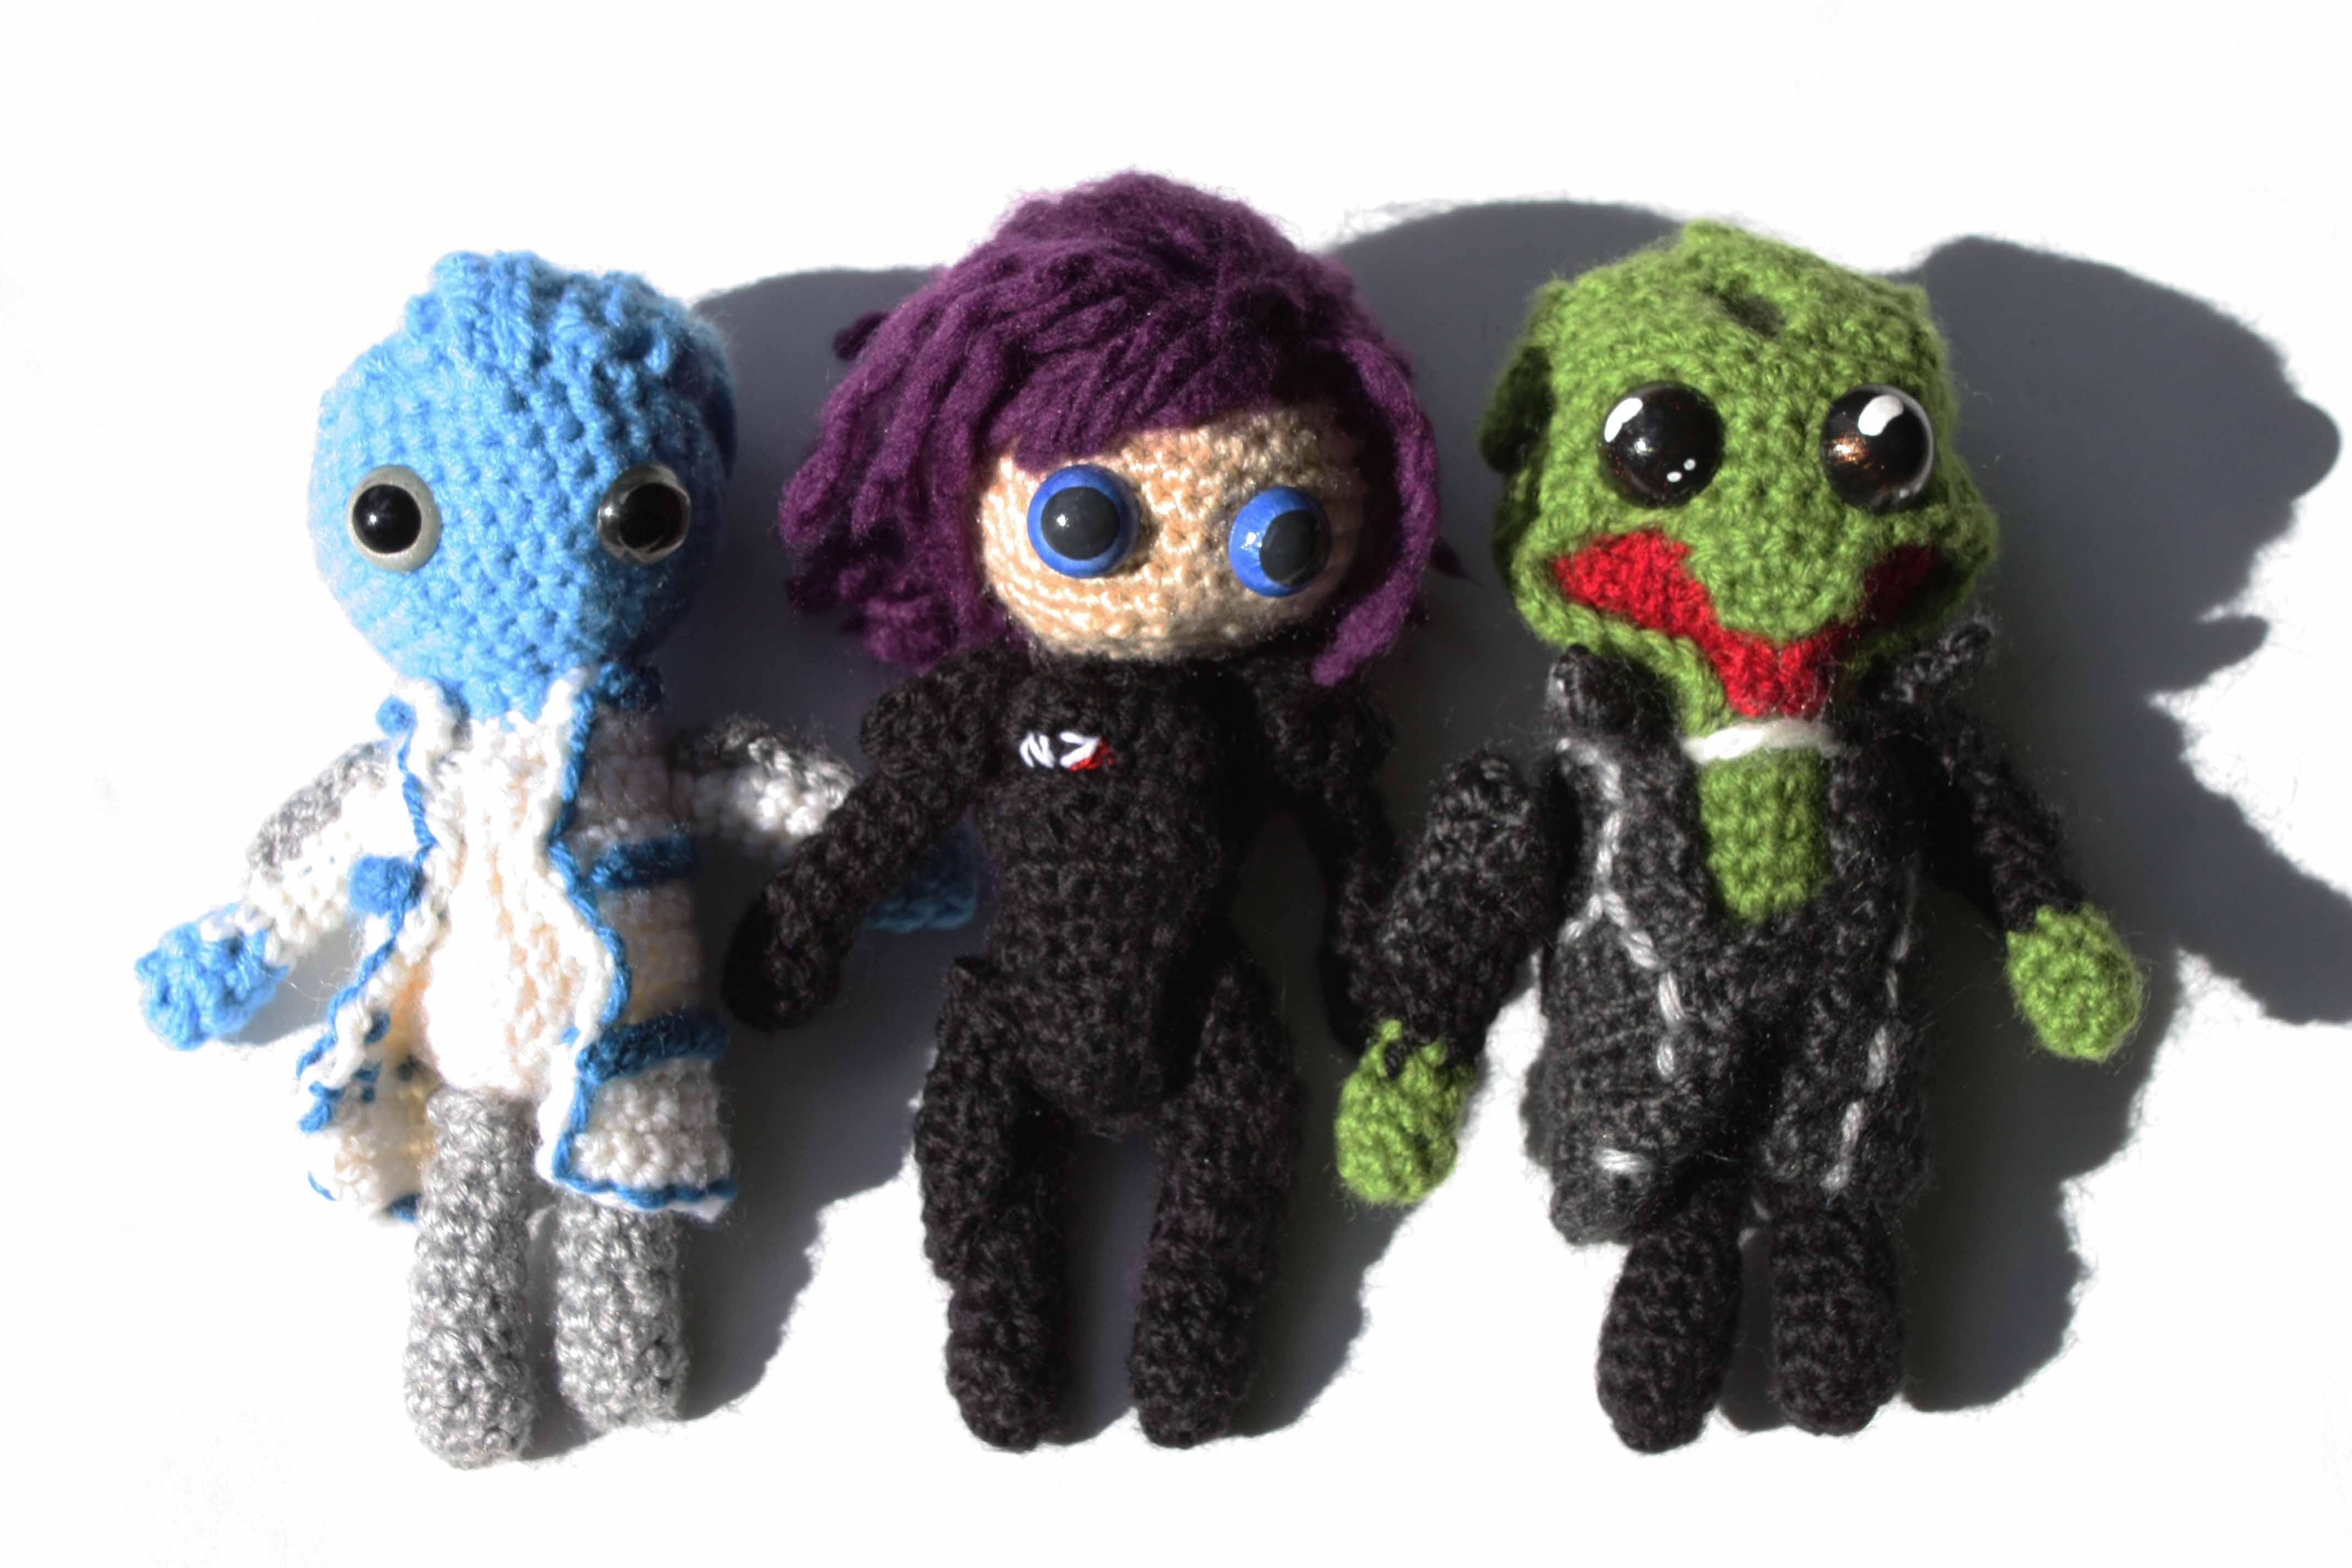 Amigurumi Human Pattern : Amigurumi and Crochet Patterns DIY Geekery